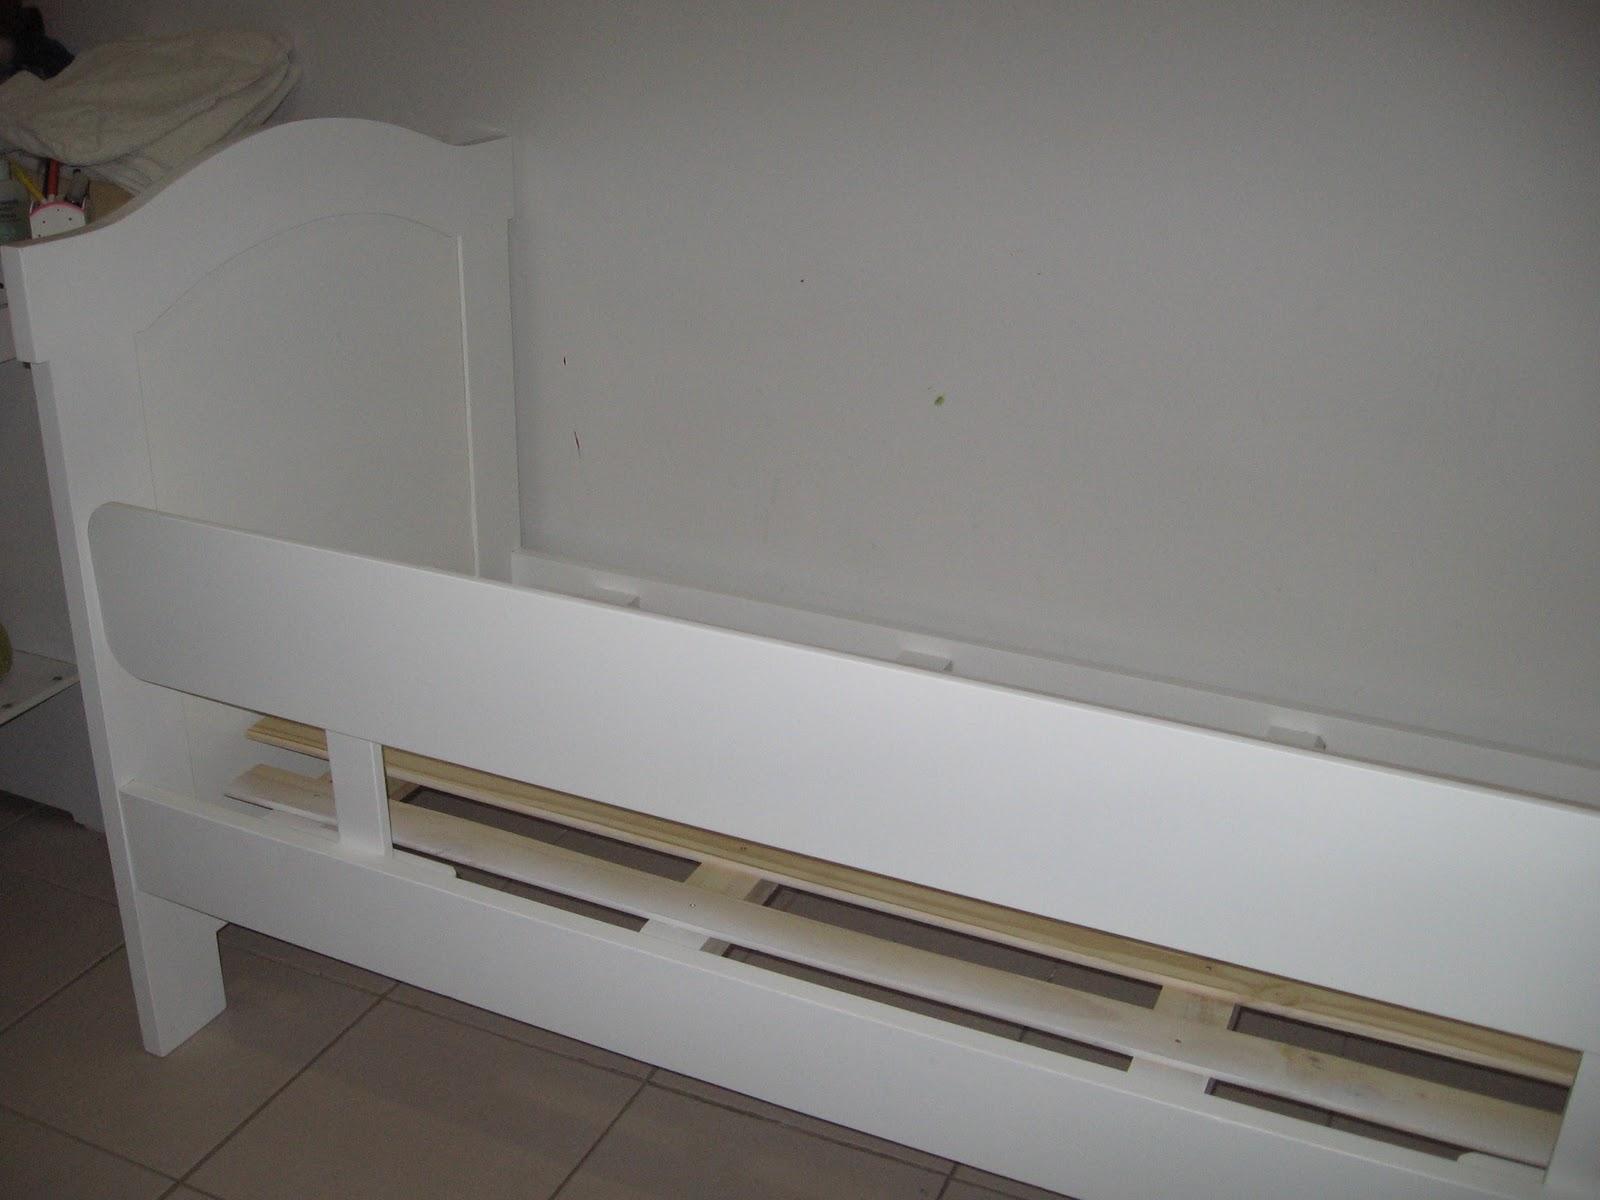 camas de una plaza plaza y media con o sin carricama con cajones debajo de la cama con baranda camas cuchute o en l camas nido